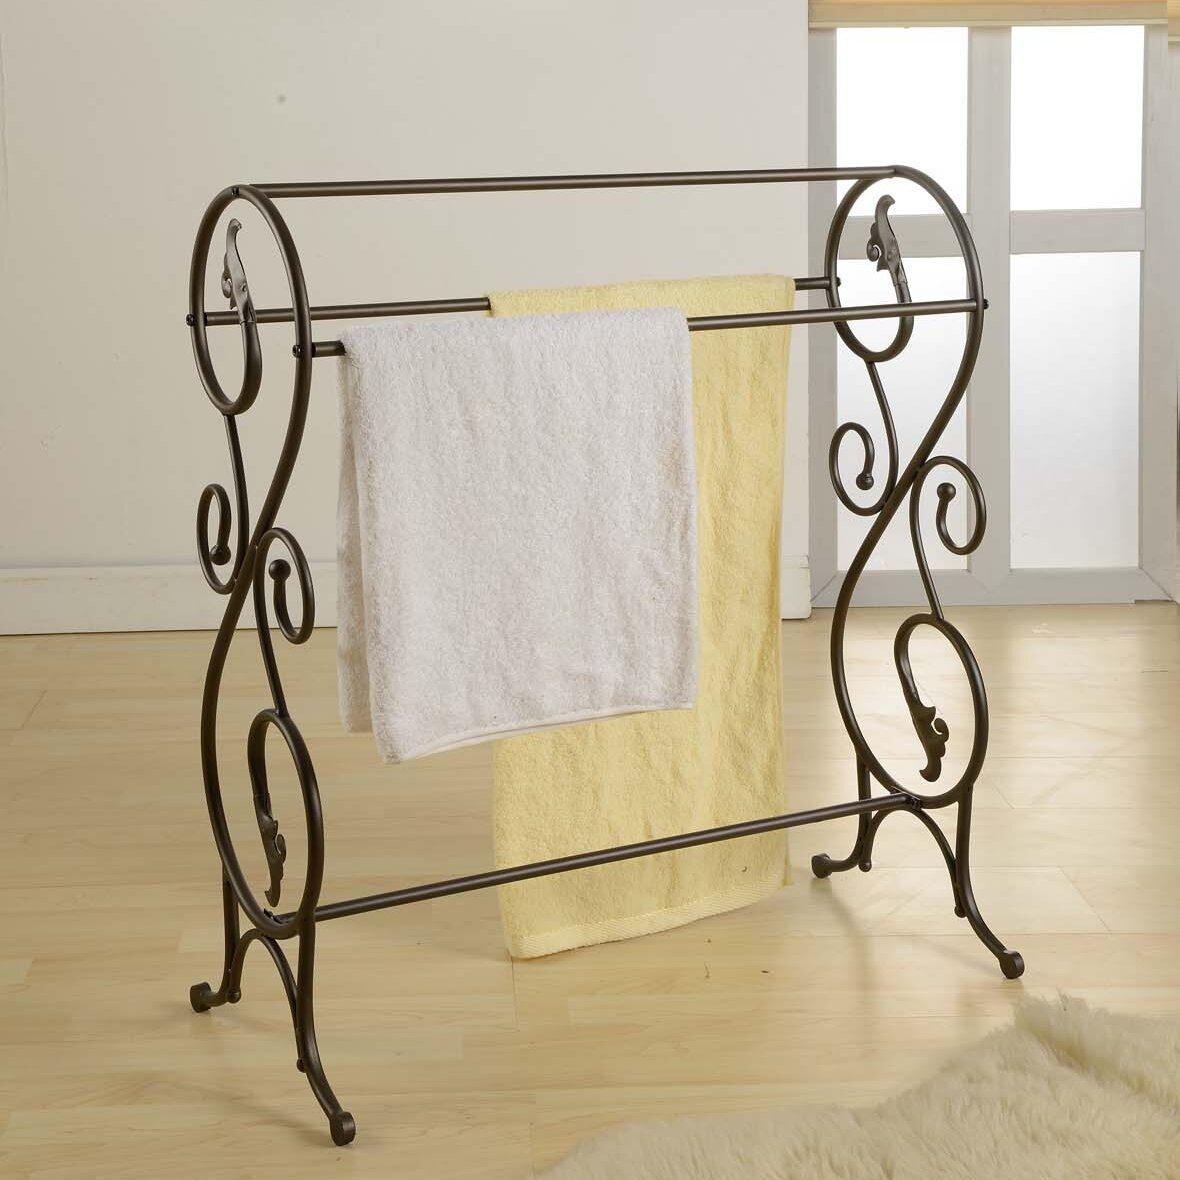 Free standing towel rack ebay - Bathroom towel racks free standing ...